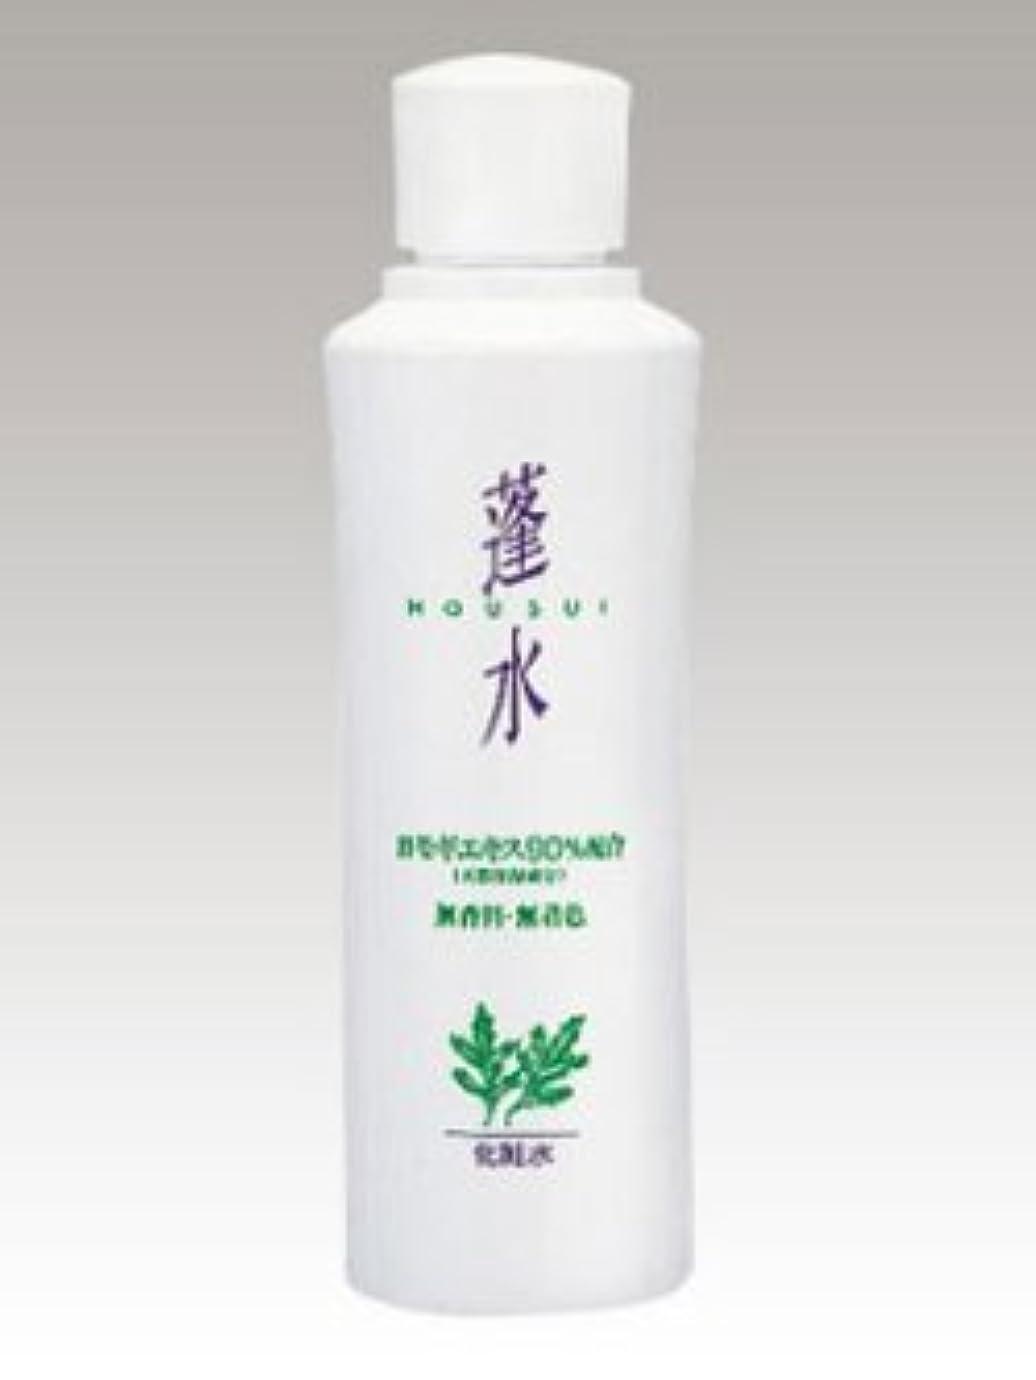 幻想リベラル苦しみ蓬水(ほうすい)150mlよもぎ化粧水